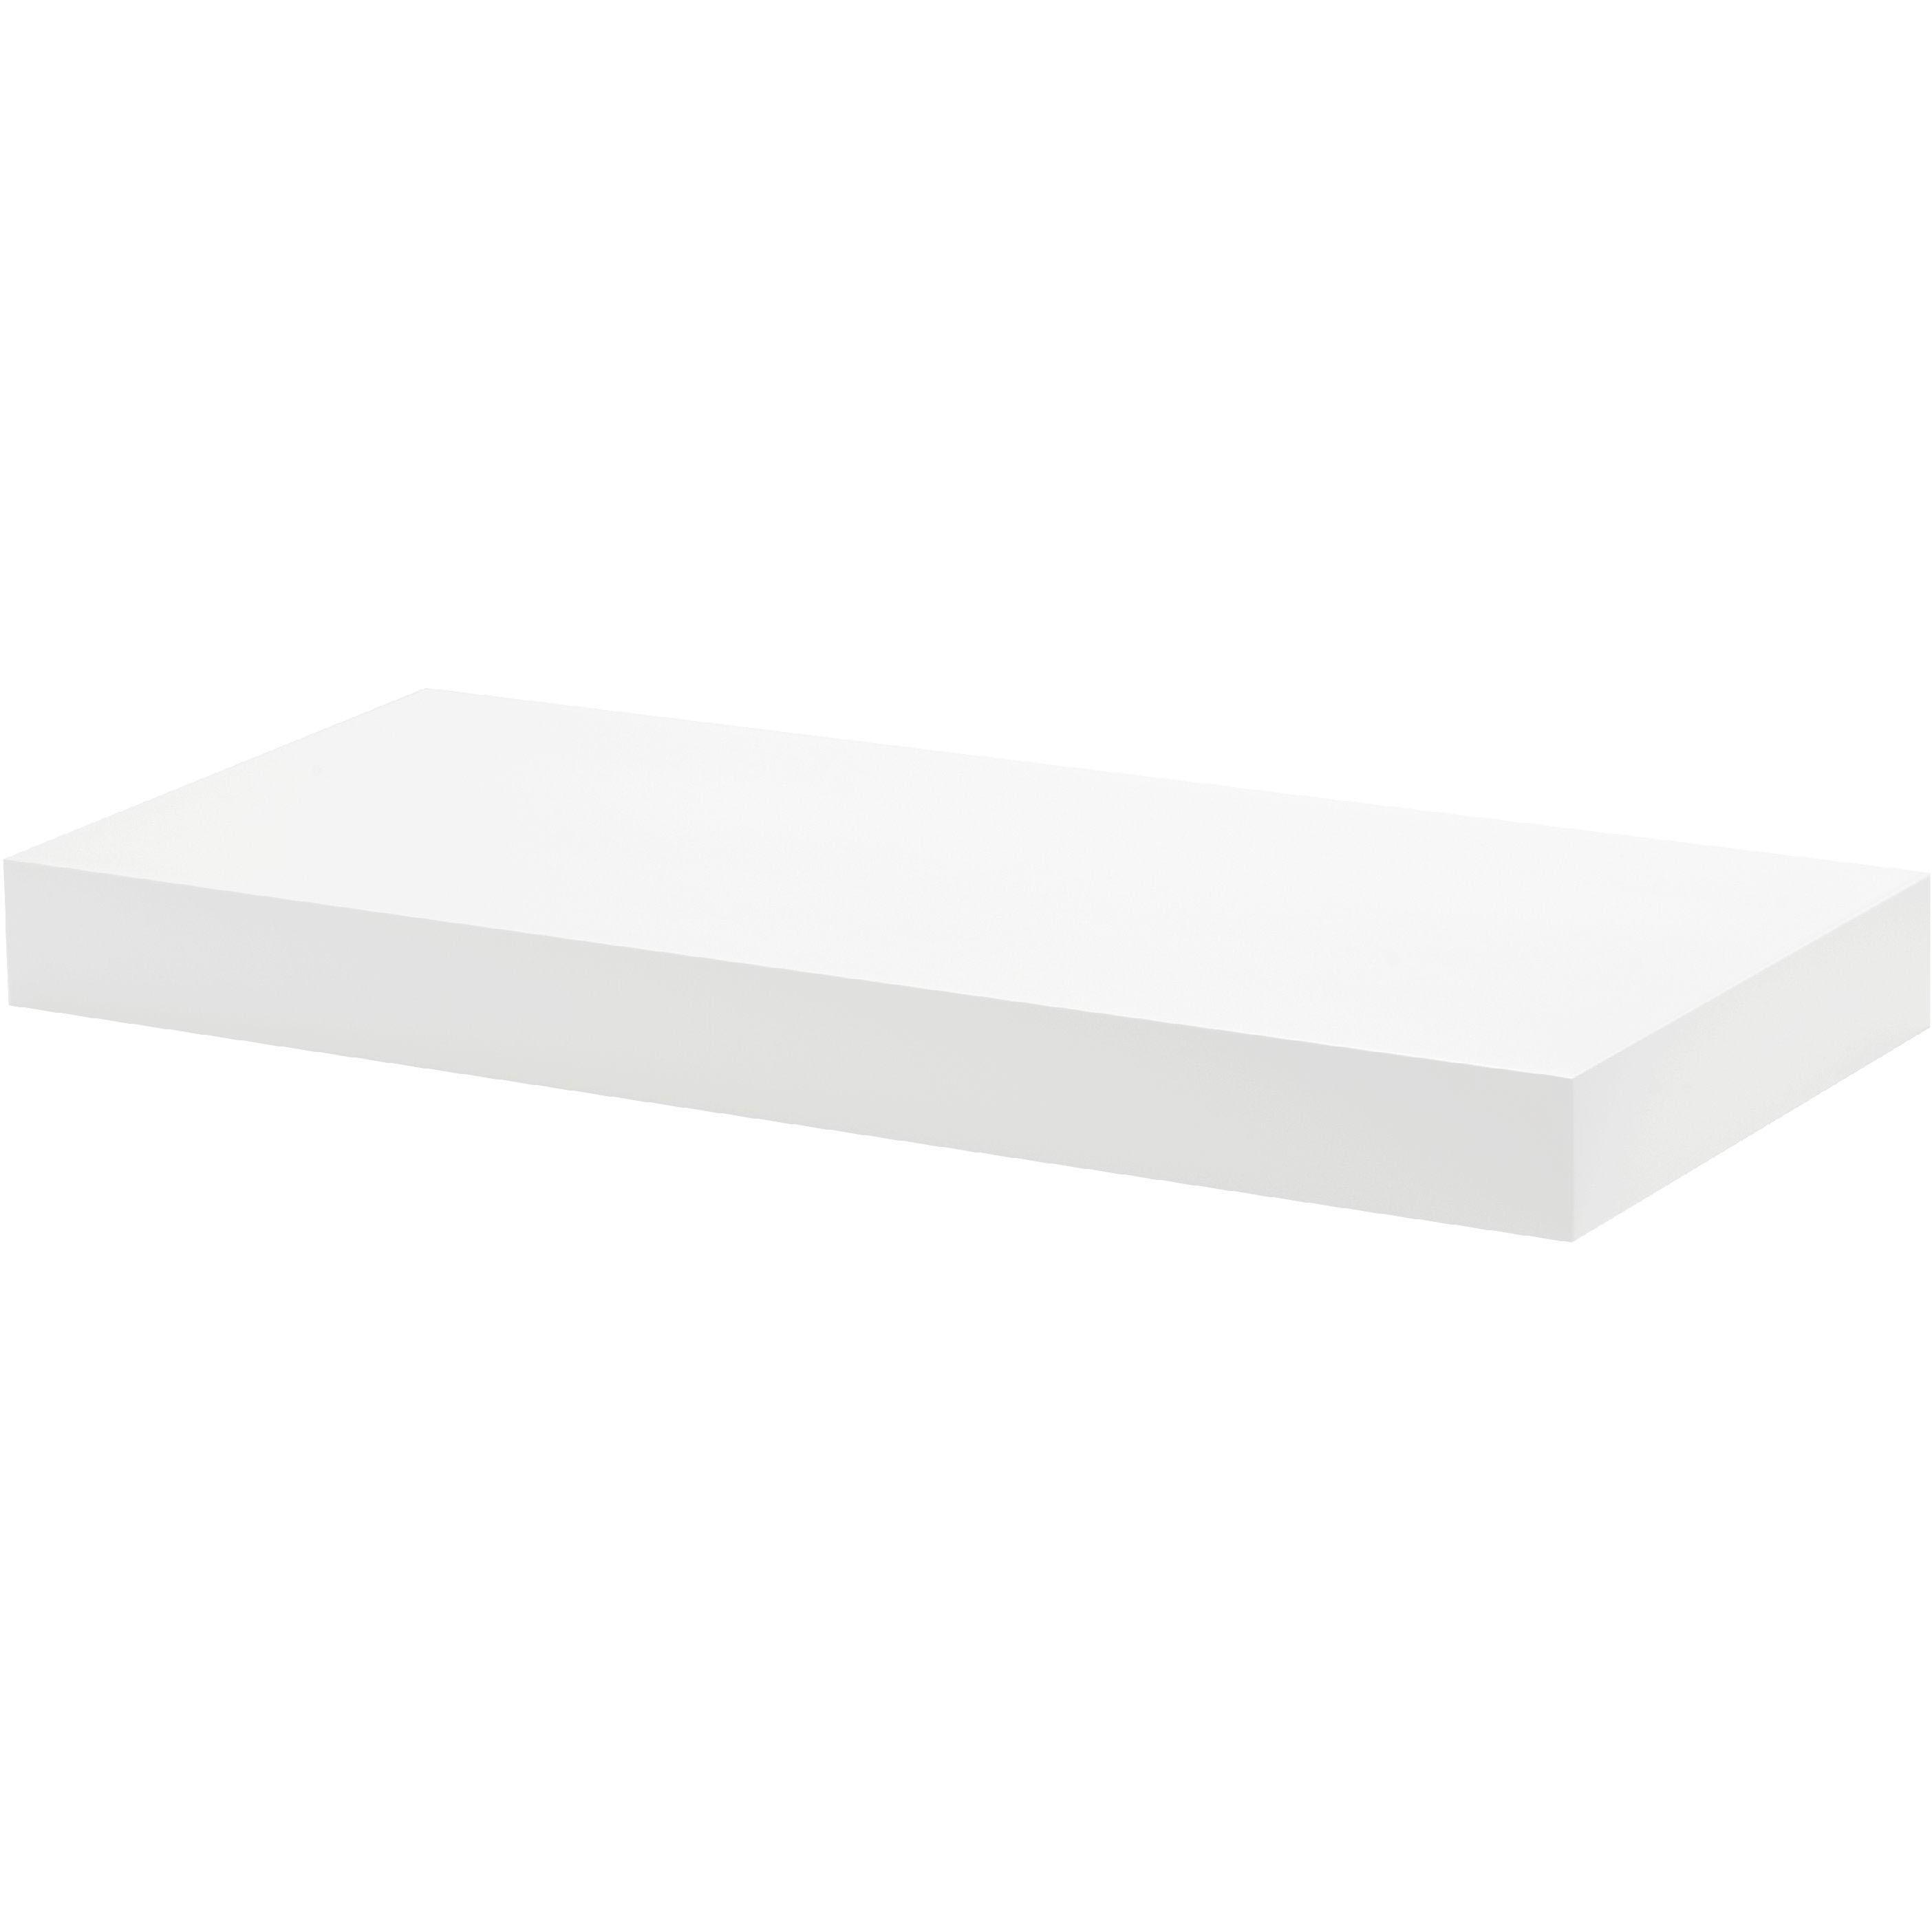 white floating shelf kit 570x250x50mm mastershelf. Black Bedroom Furniture Sets. Home Design Ideas